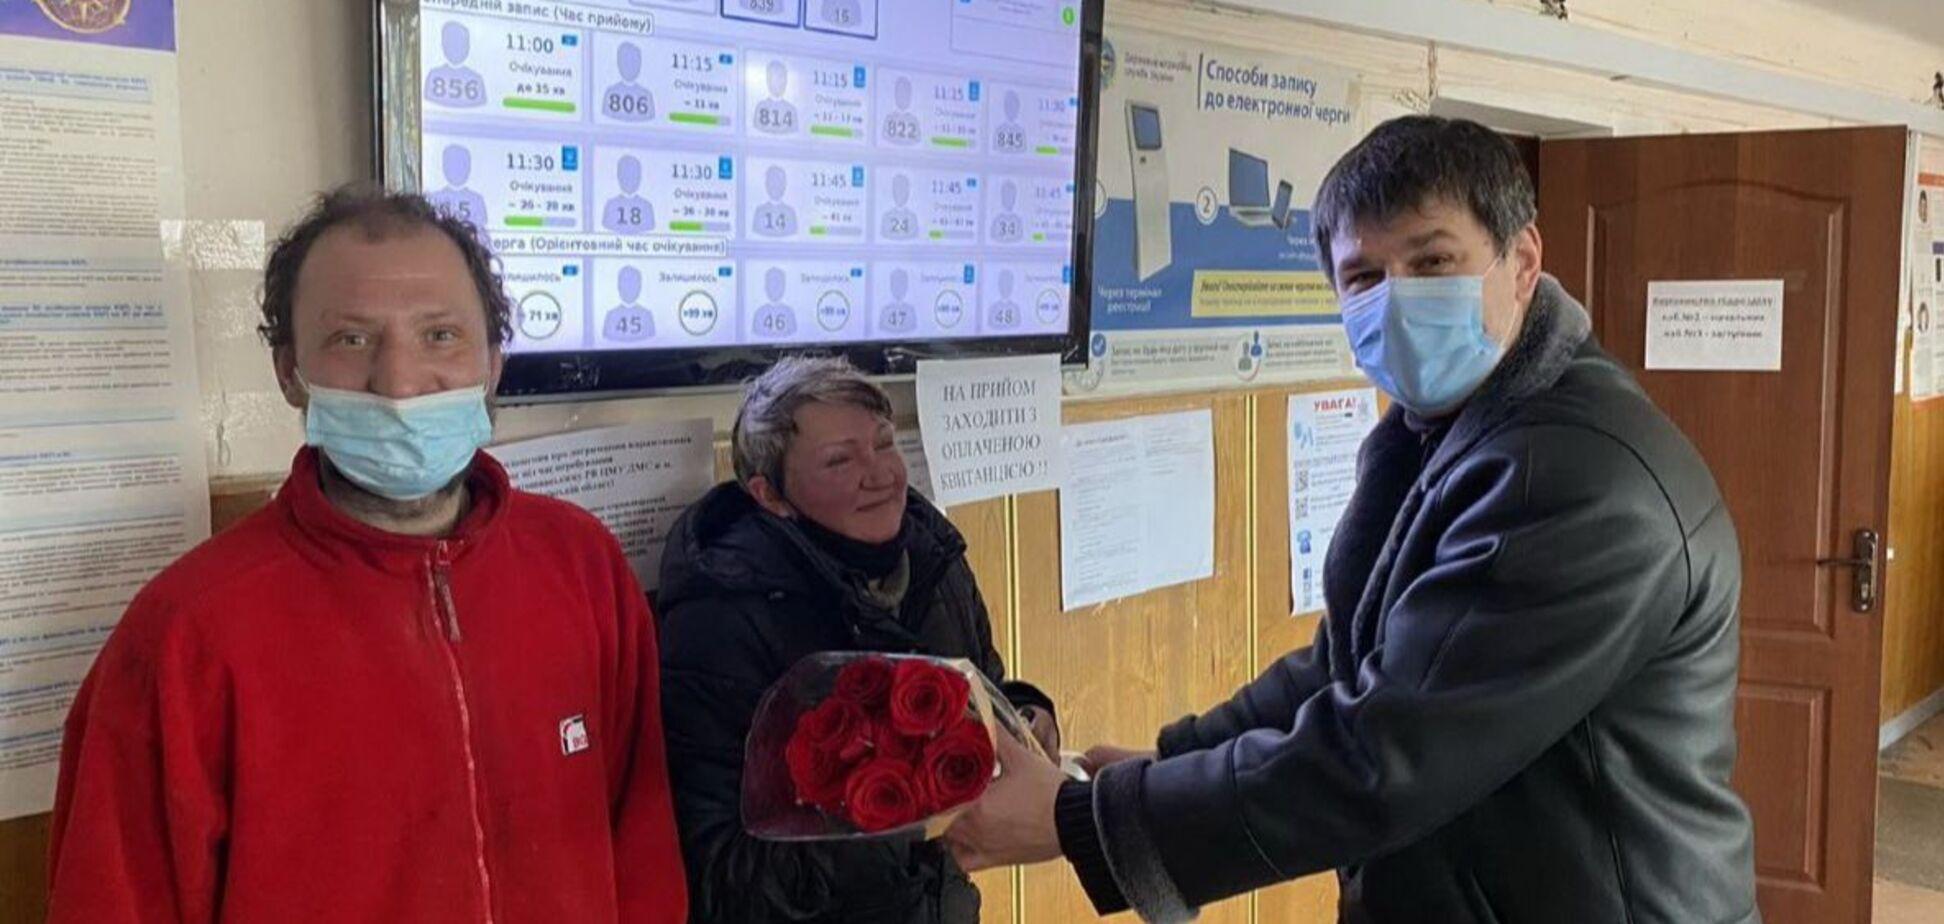 В Киеве пара бездомных решила изменить свою жизнь: восстановили паспорта и собираются женится